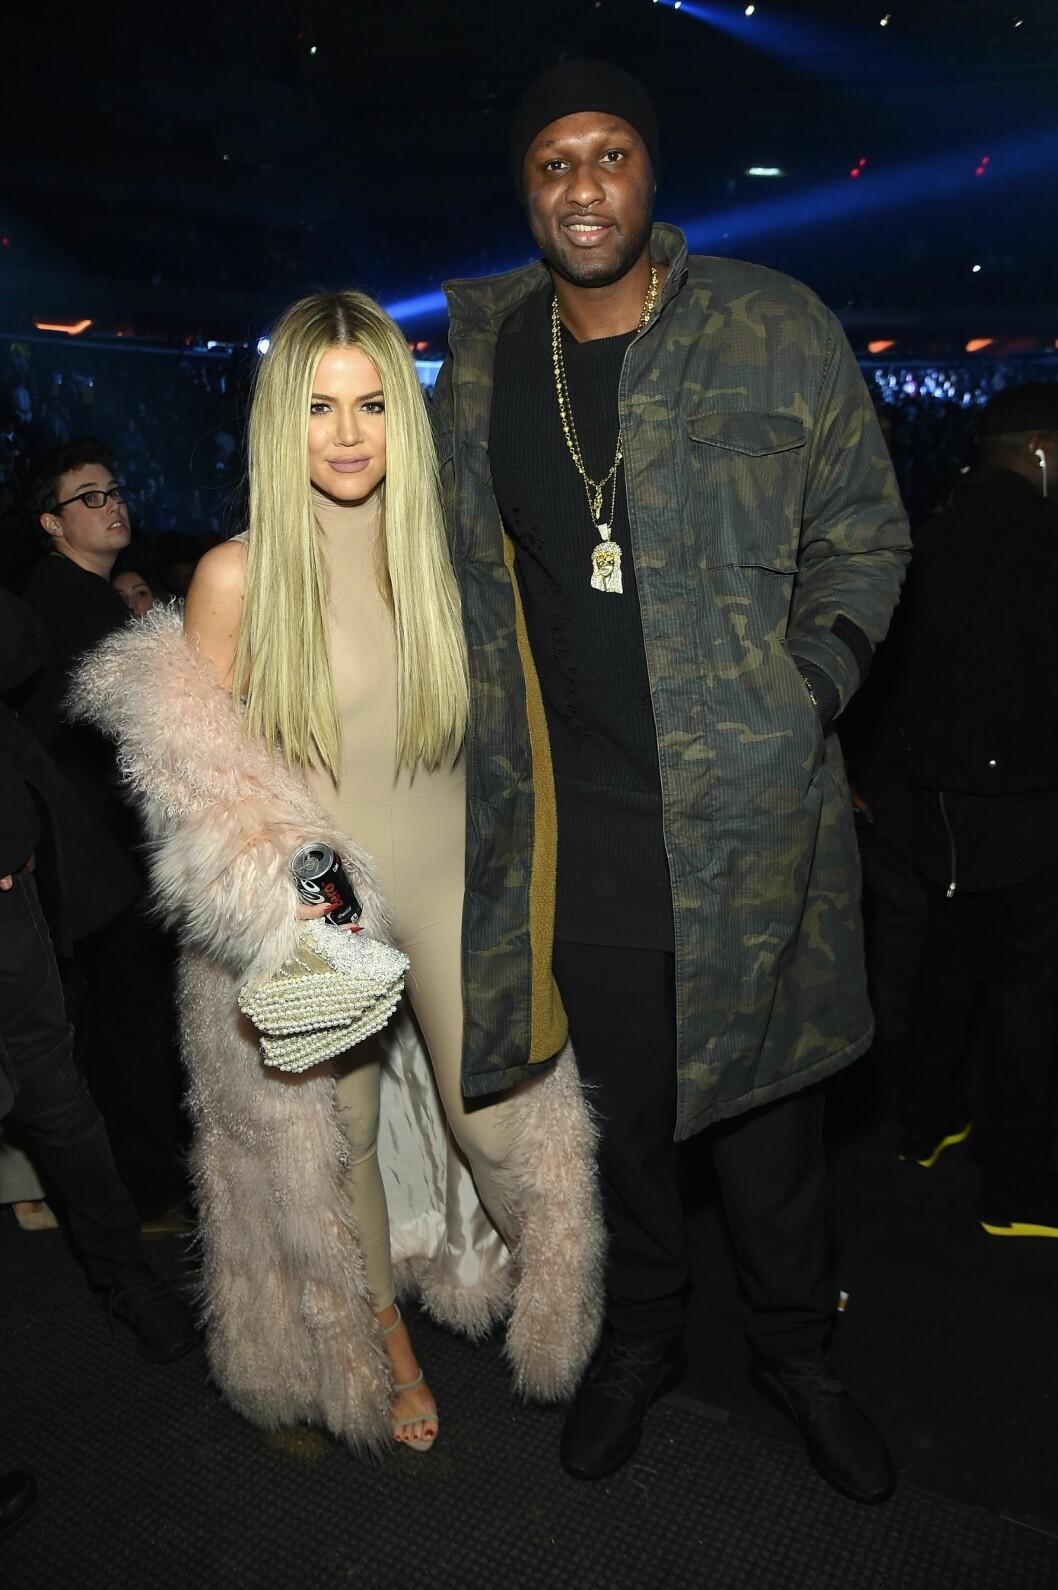 HJELPER EKTEMANNEN: Khloe Kardashian har vært en trofast støttespiller for Lamar Odom etter hans sammenbrudd. Foto: Afp